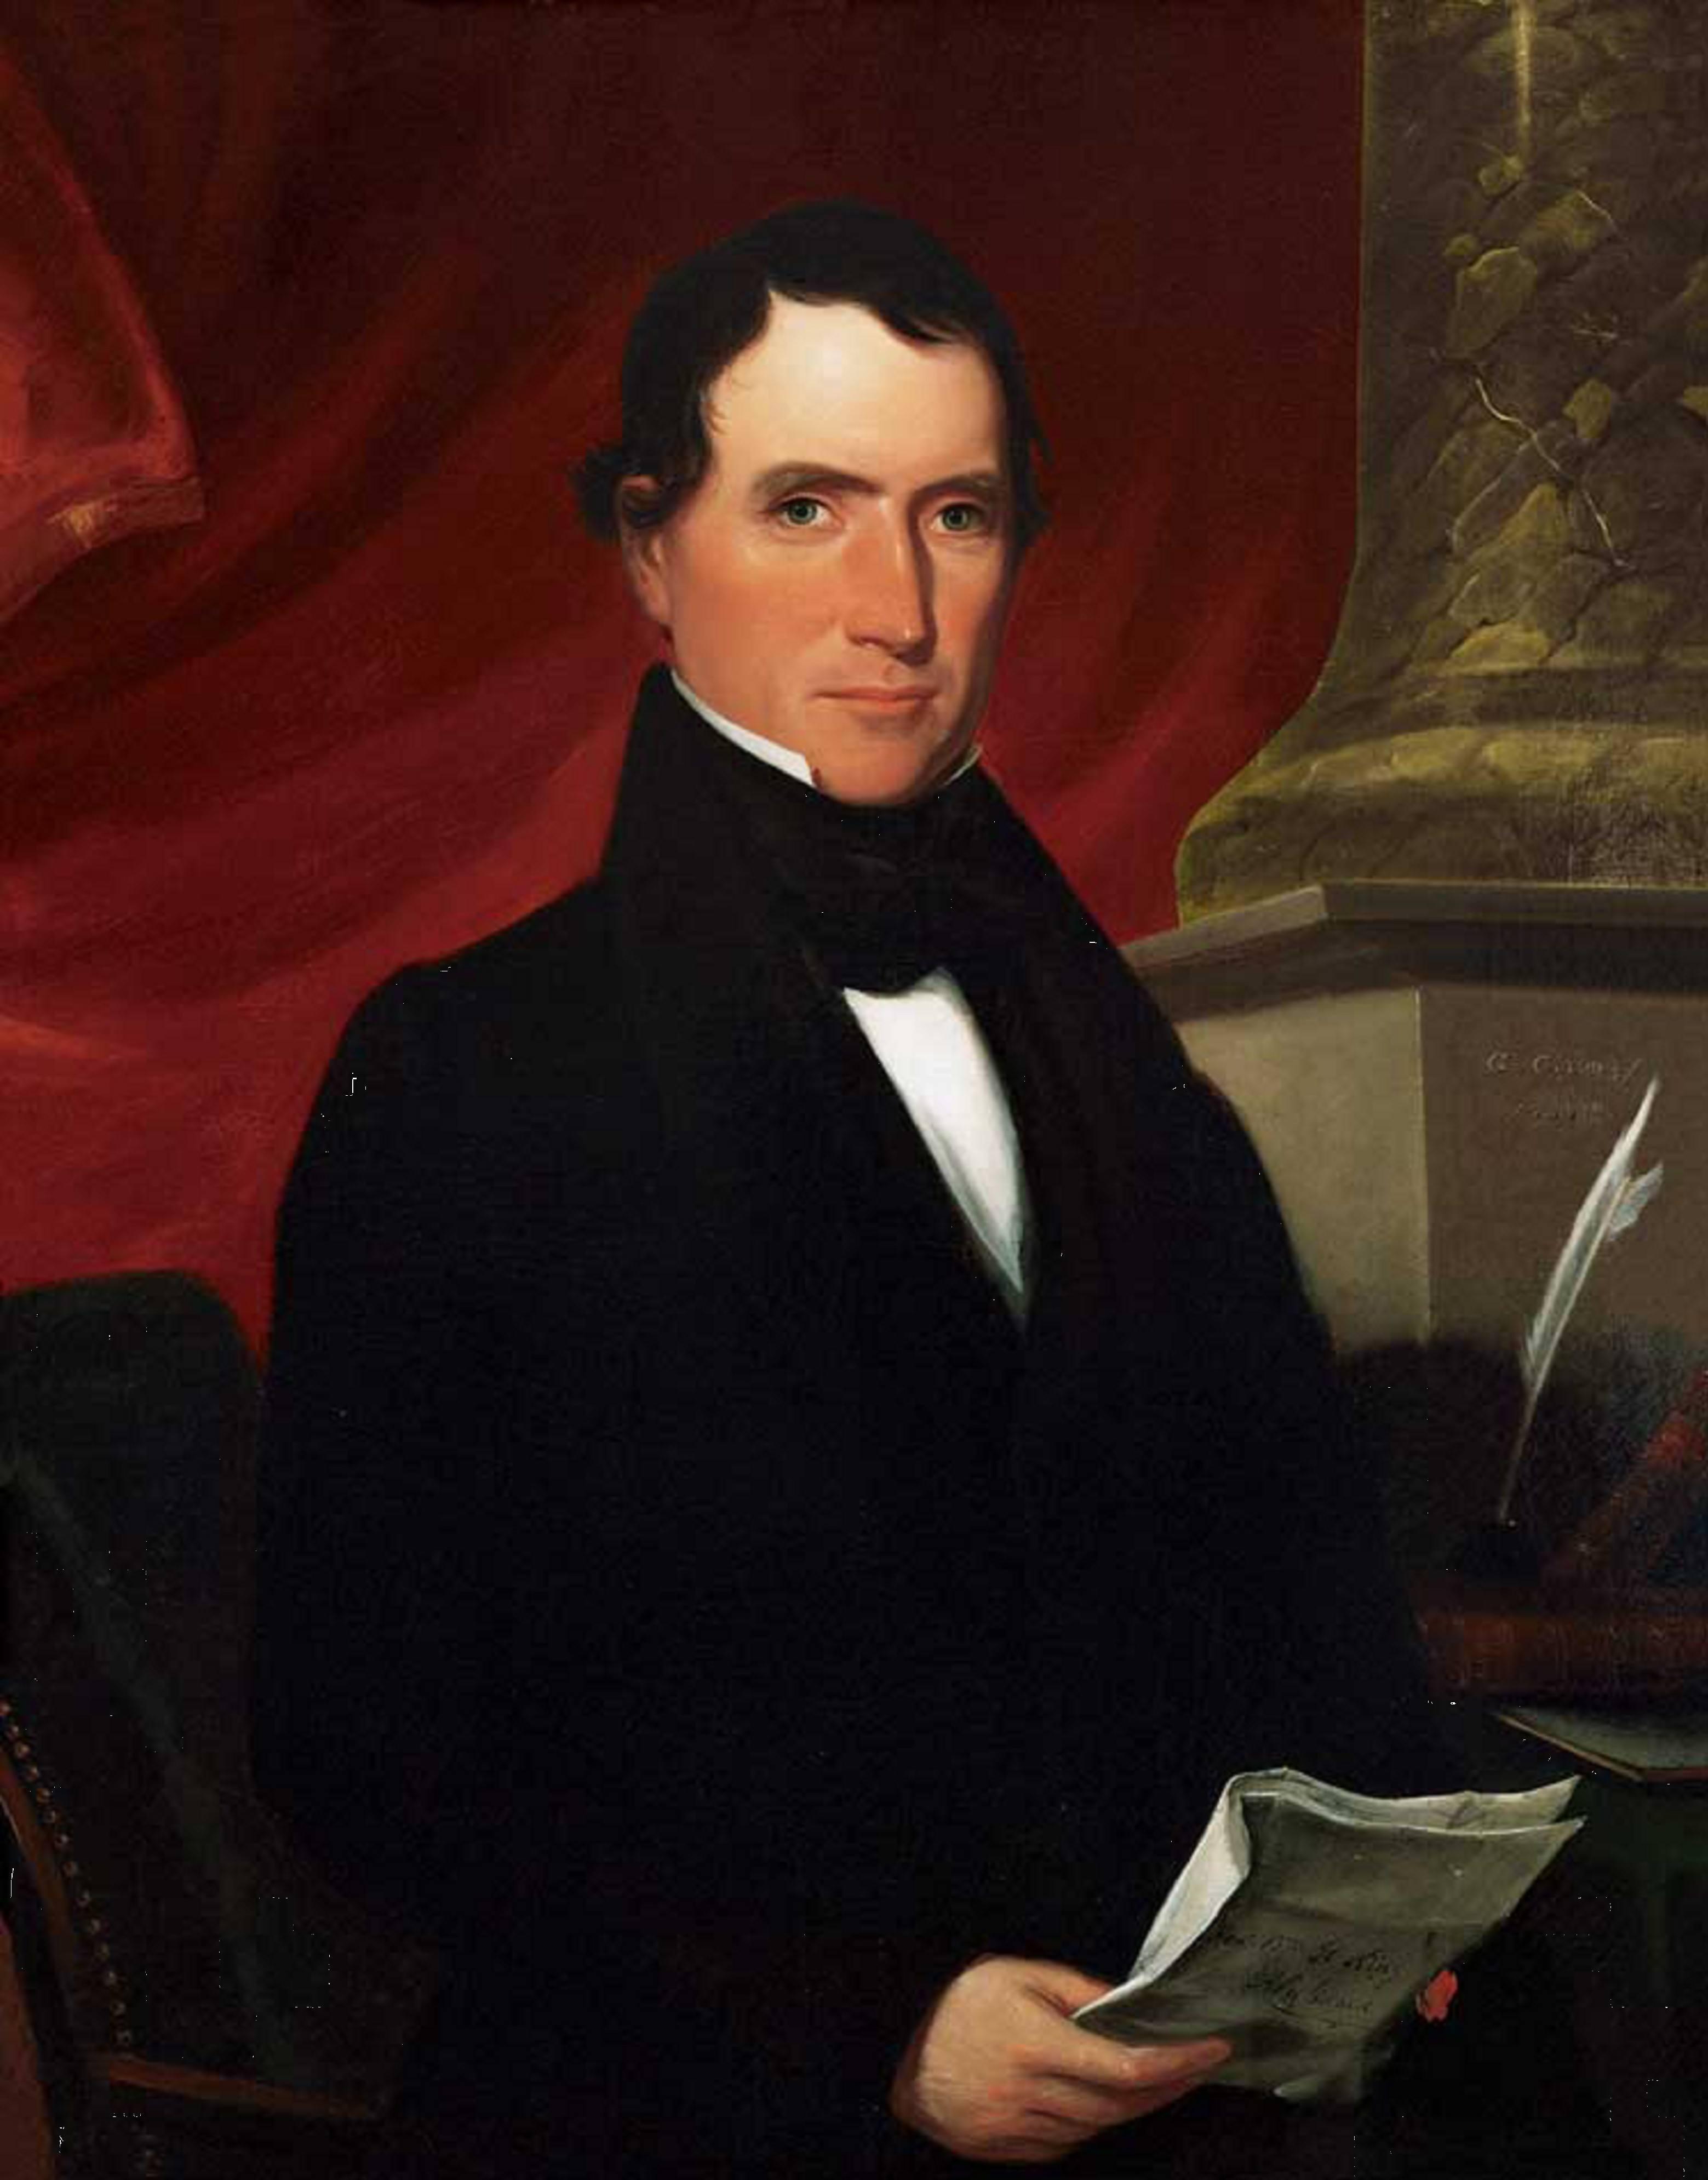 William Rufus King